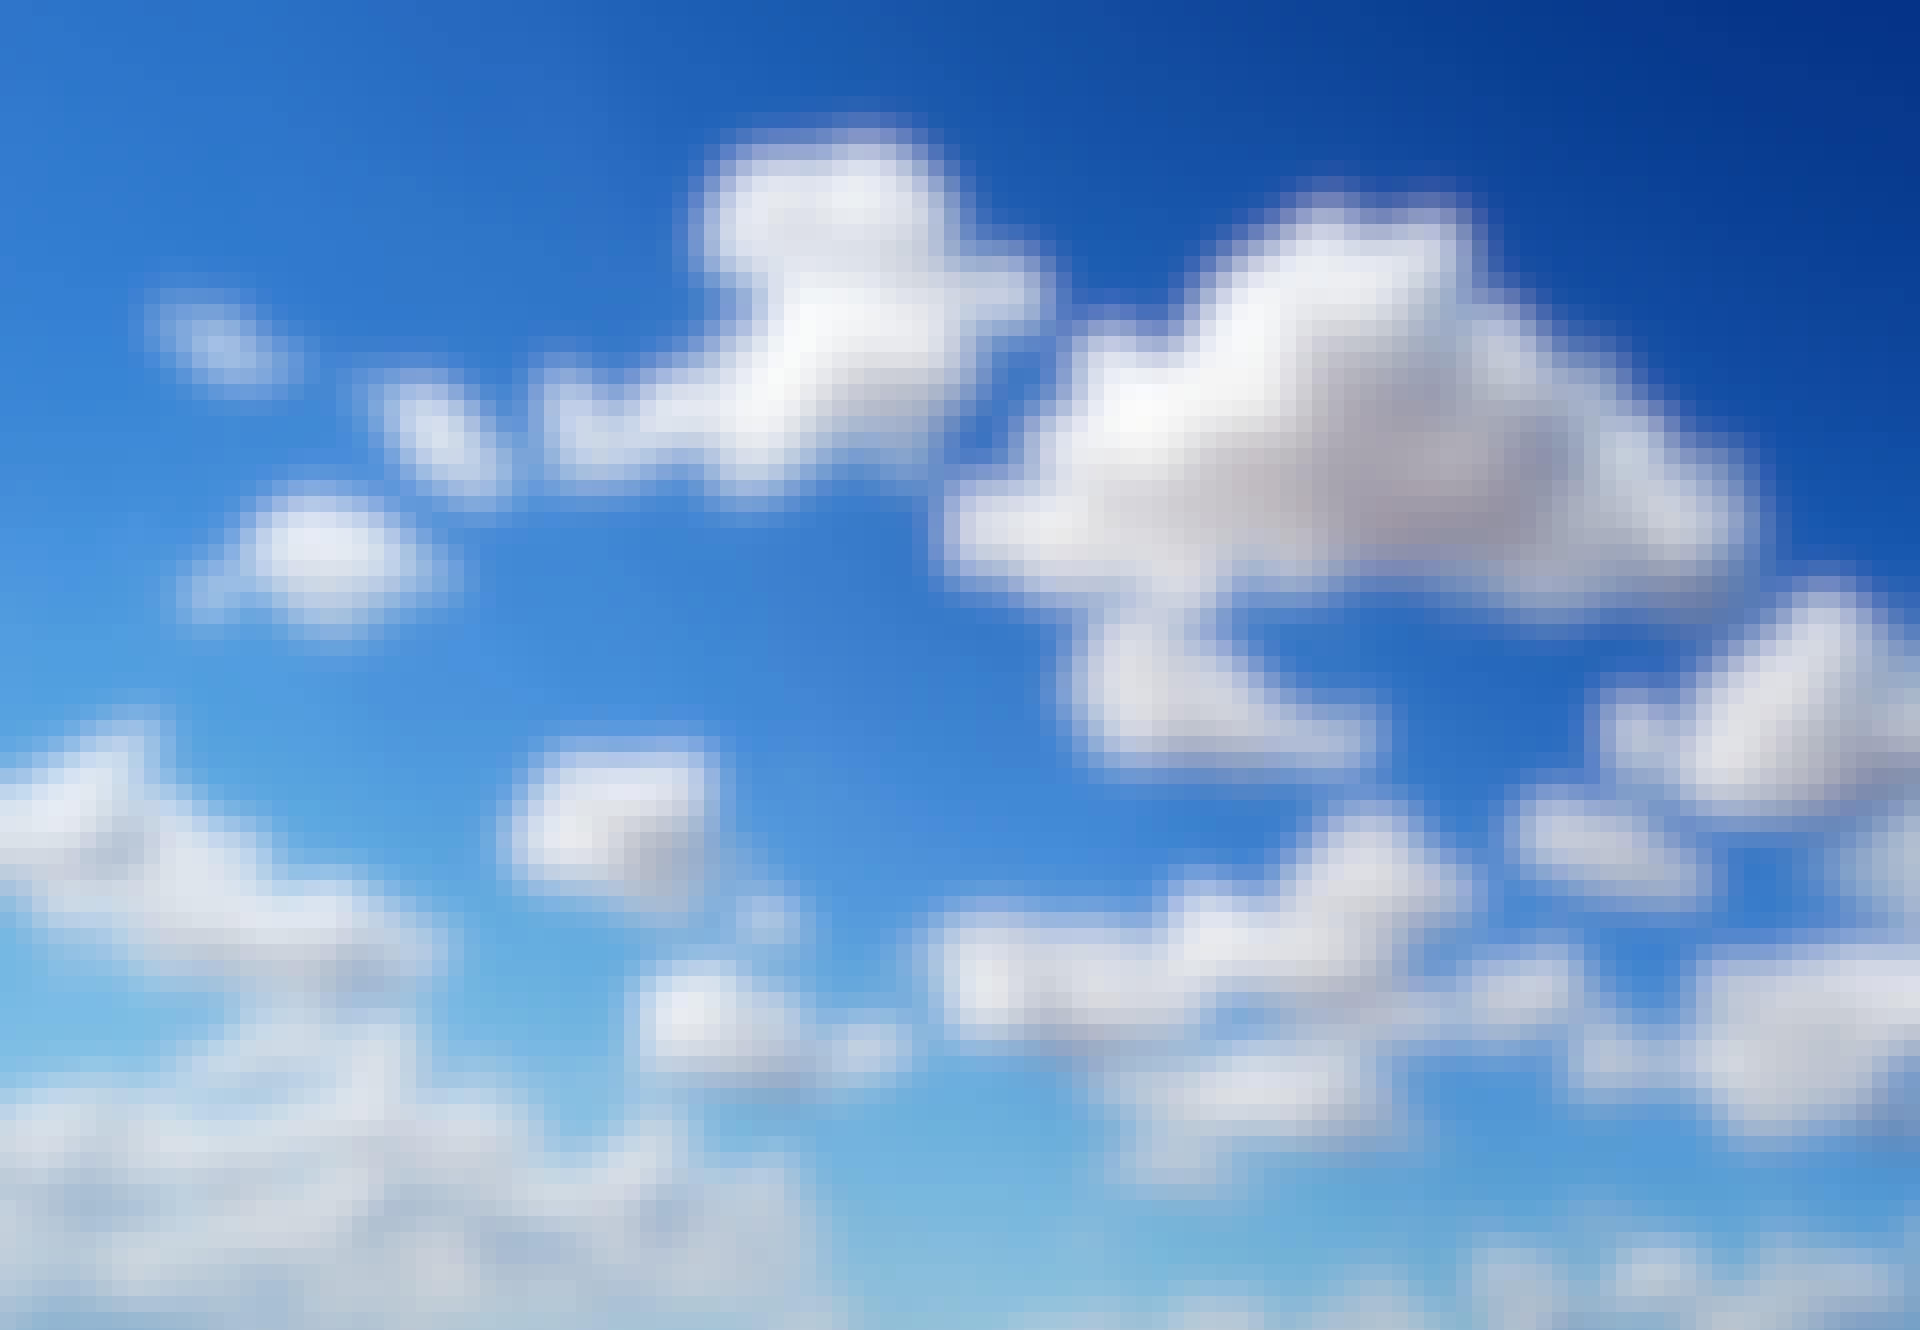 Himlens blå farve kommer af lysets spredning.